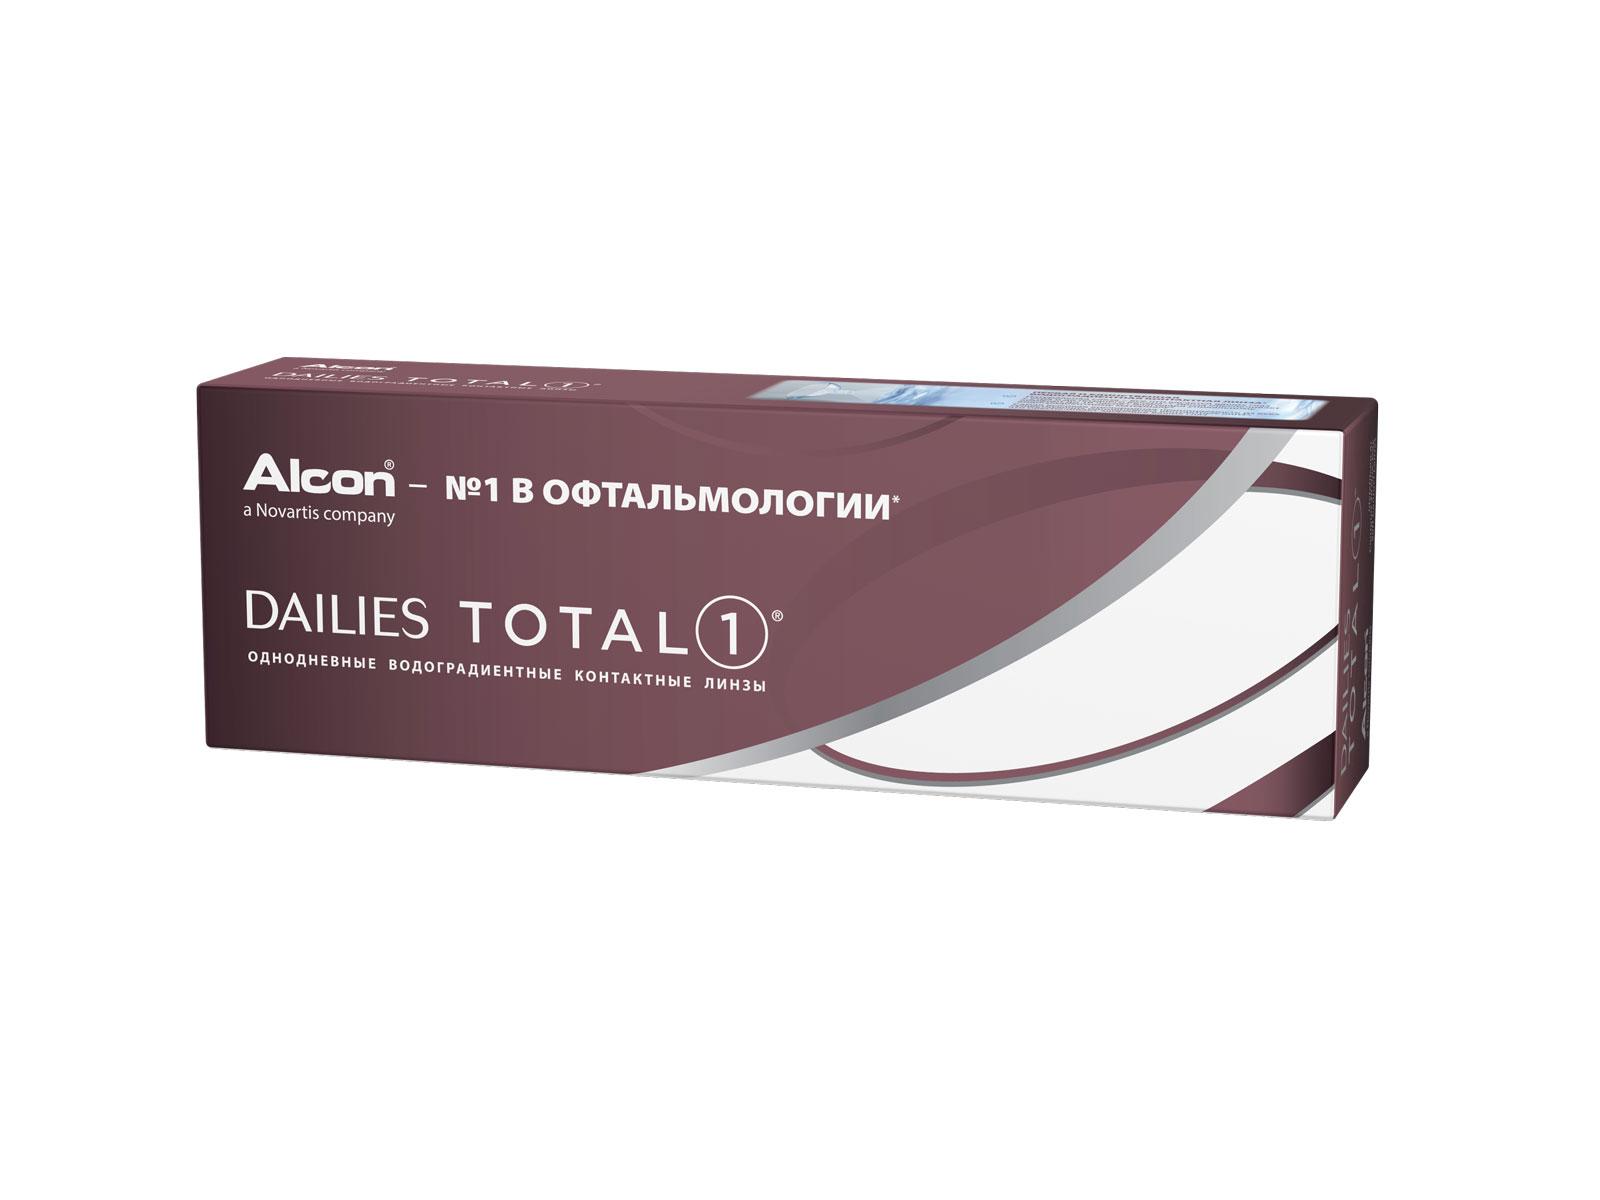 Alcon контактные линзы Dailies Total 1 30pk /-5.50 / 8.5 / 14.1100001908Dailies Total 1 – линзы, которые не чувствуешь с утра и до поздного вечера. Эти однодневные контактные линзы выполнены из уникального водоградиентного материала, багодаря которому натуральная слеза – это все, что касается ваших глаз. Почти 100% влаги на поверхности обеспечивают непревзойденный комфорт до 16 часов ношения.